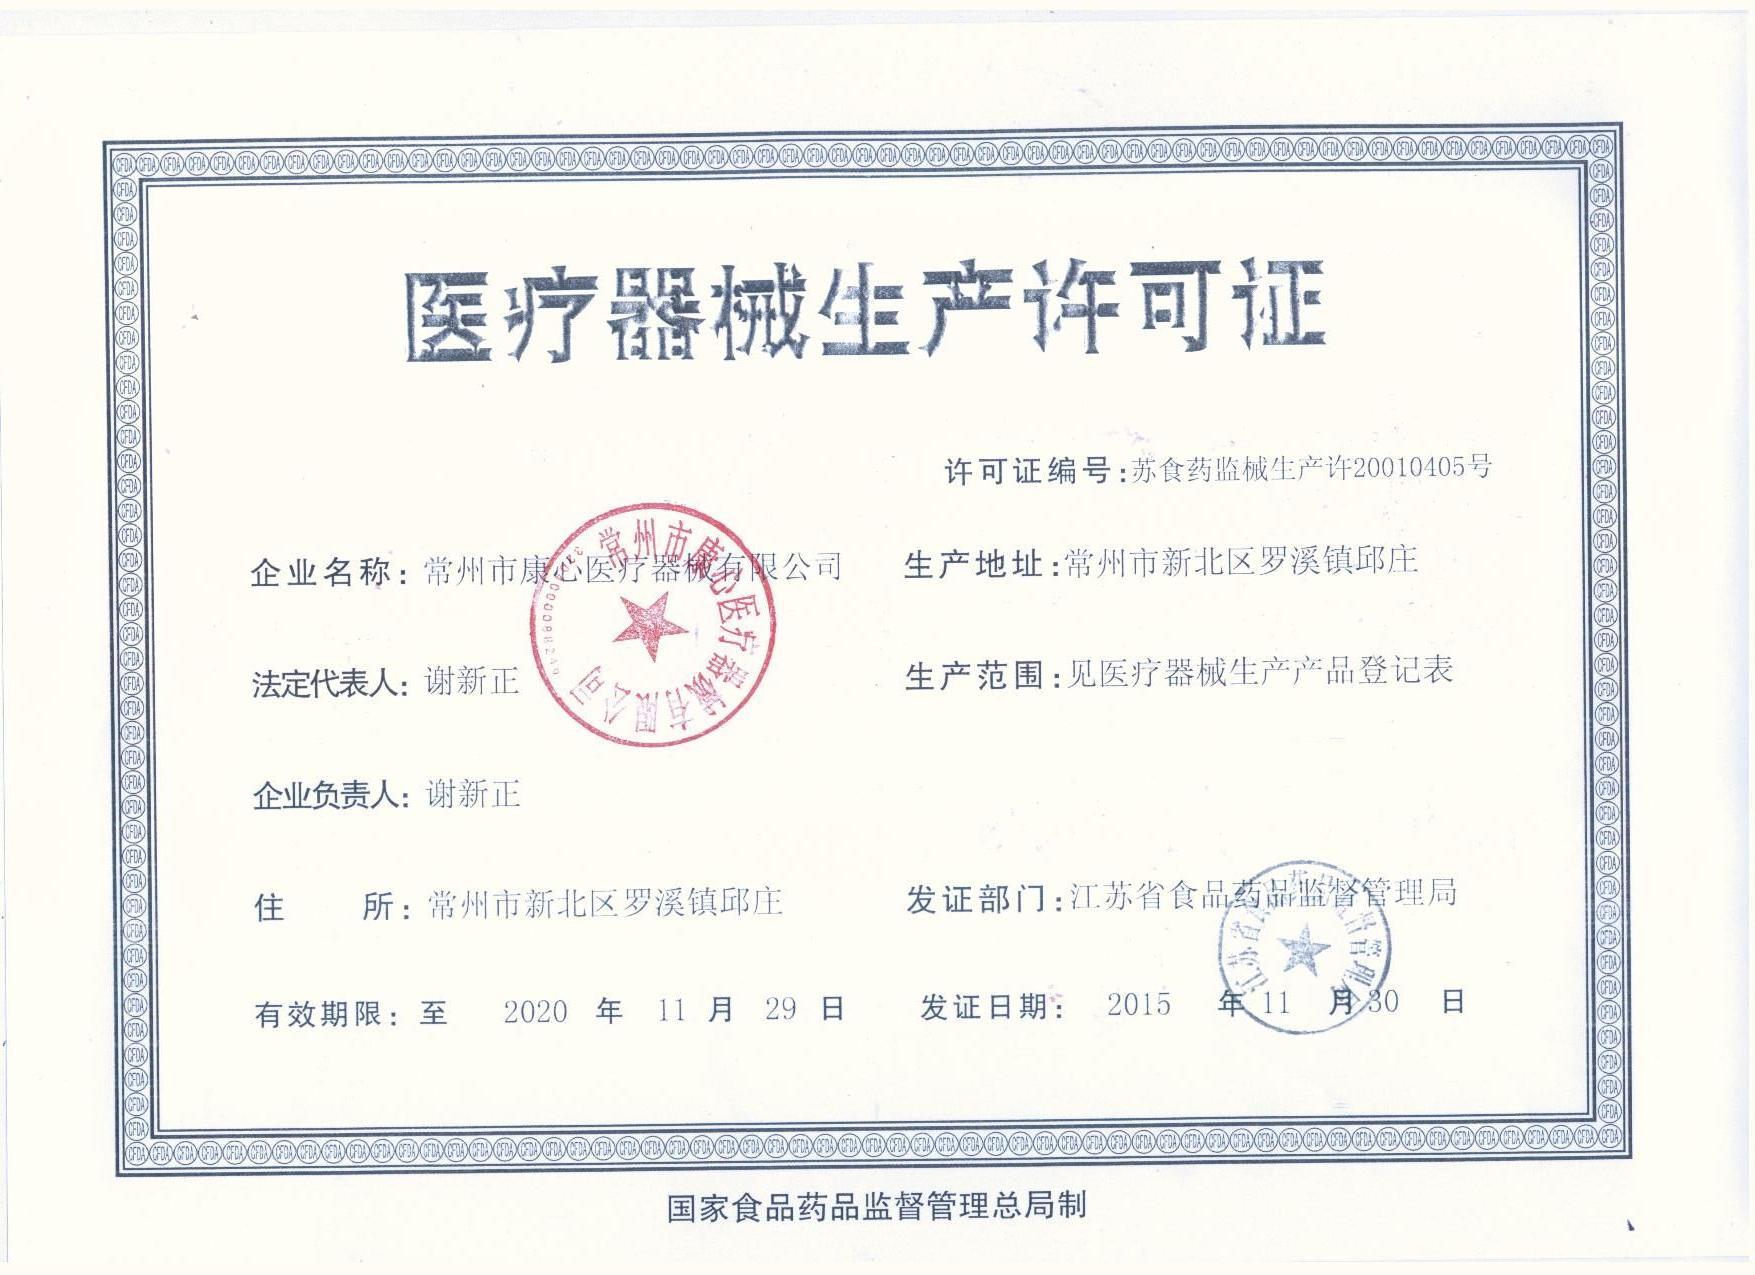 CFDA License SU 20010405